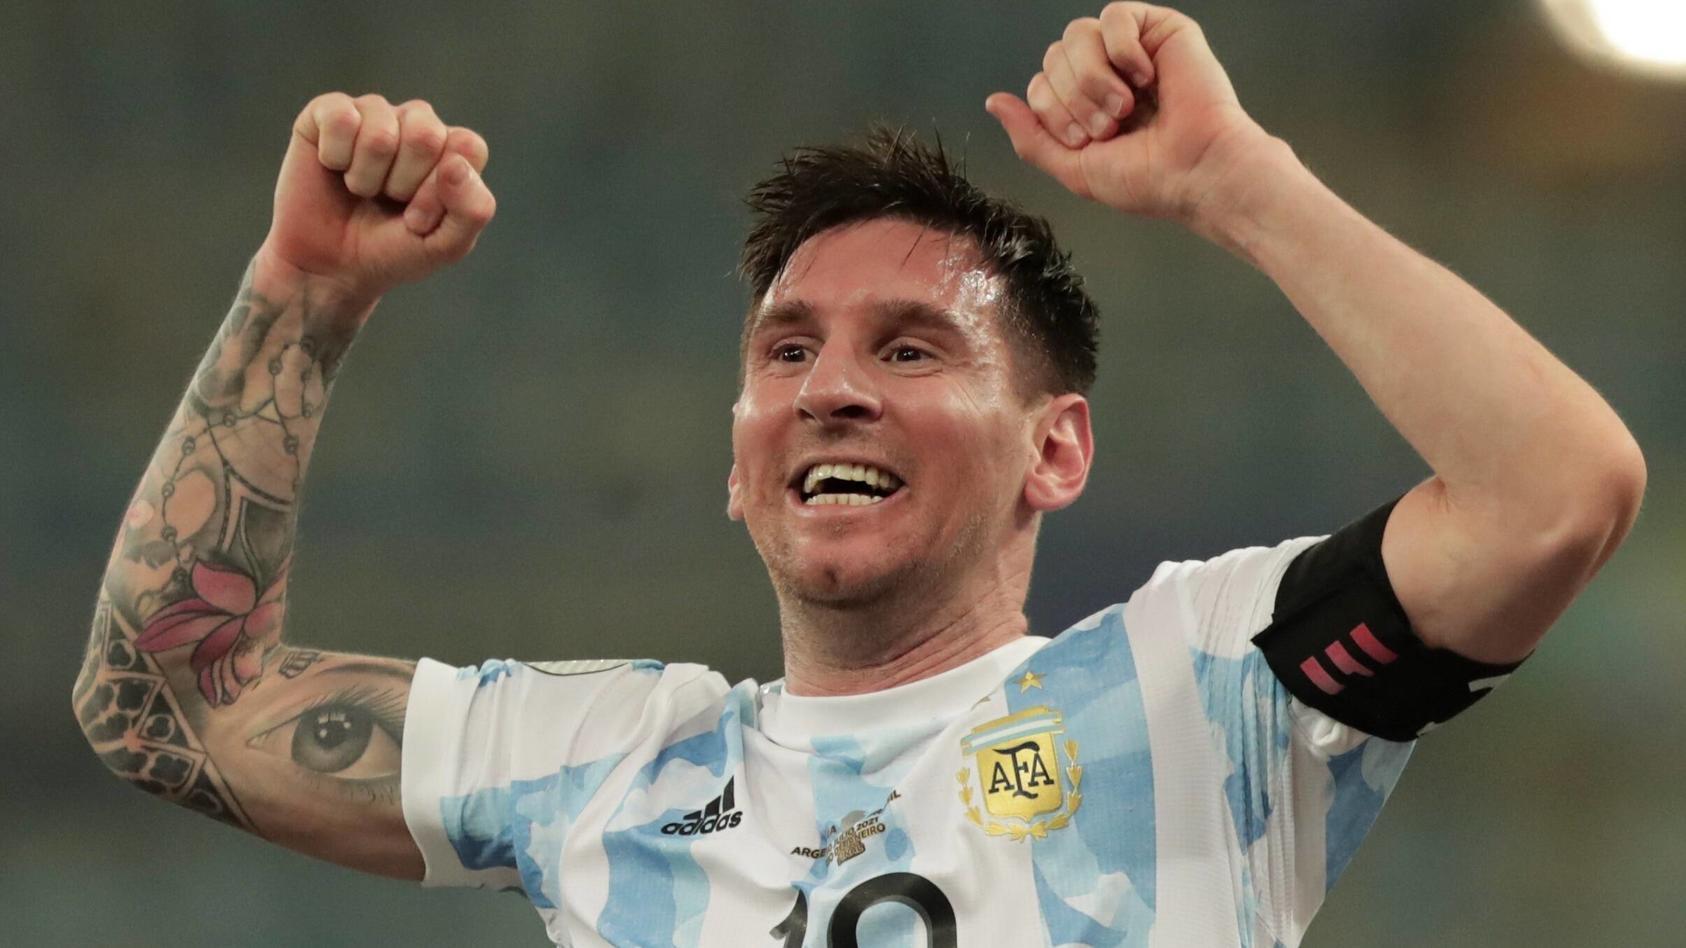 Erfolg ist für Lionel Messi nichts Neues mehr - auch auf Instagram nicht. Ein Post des Argentiniers geht nun aber so richtig viral.